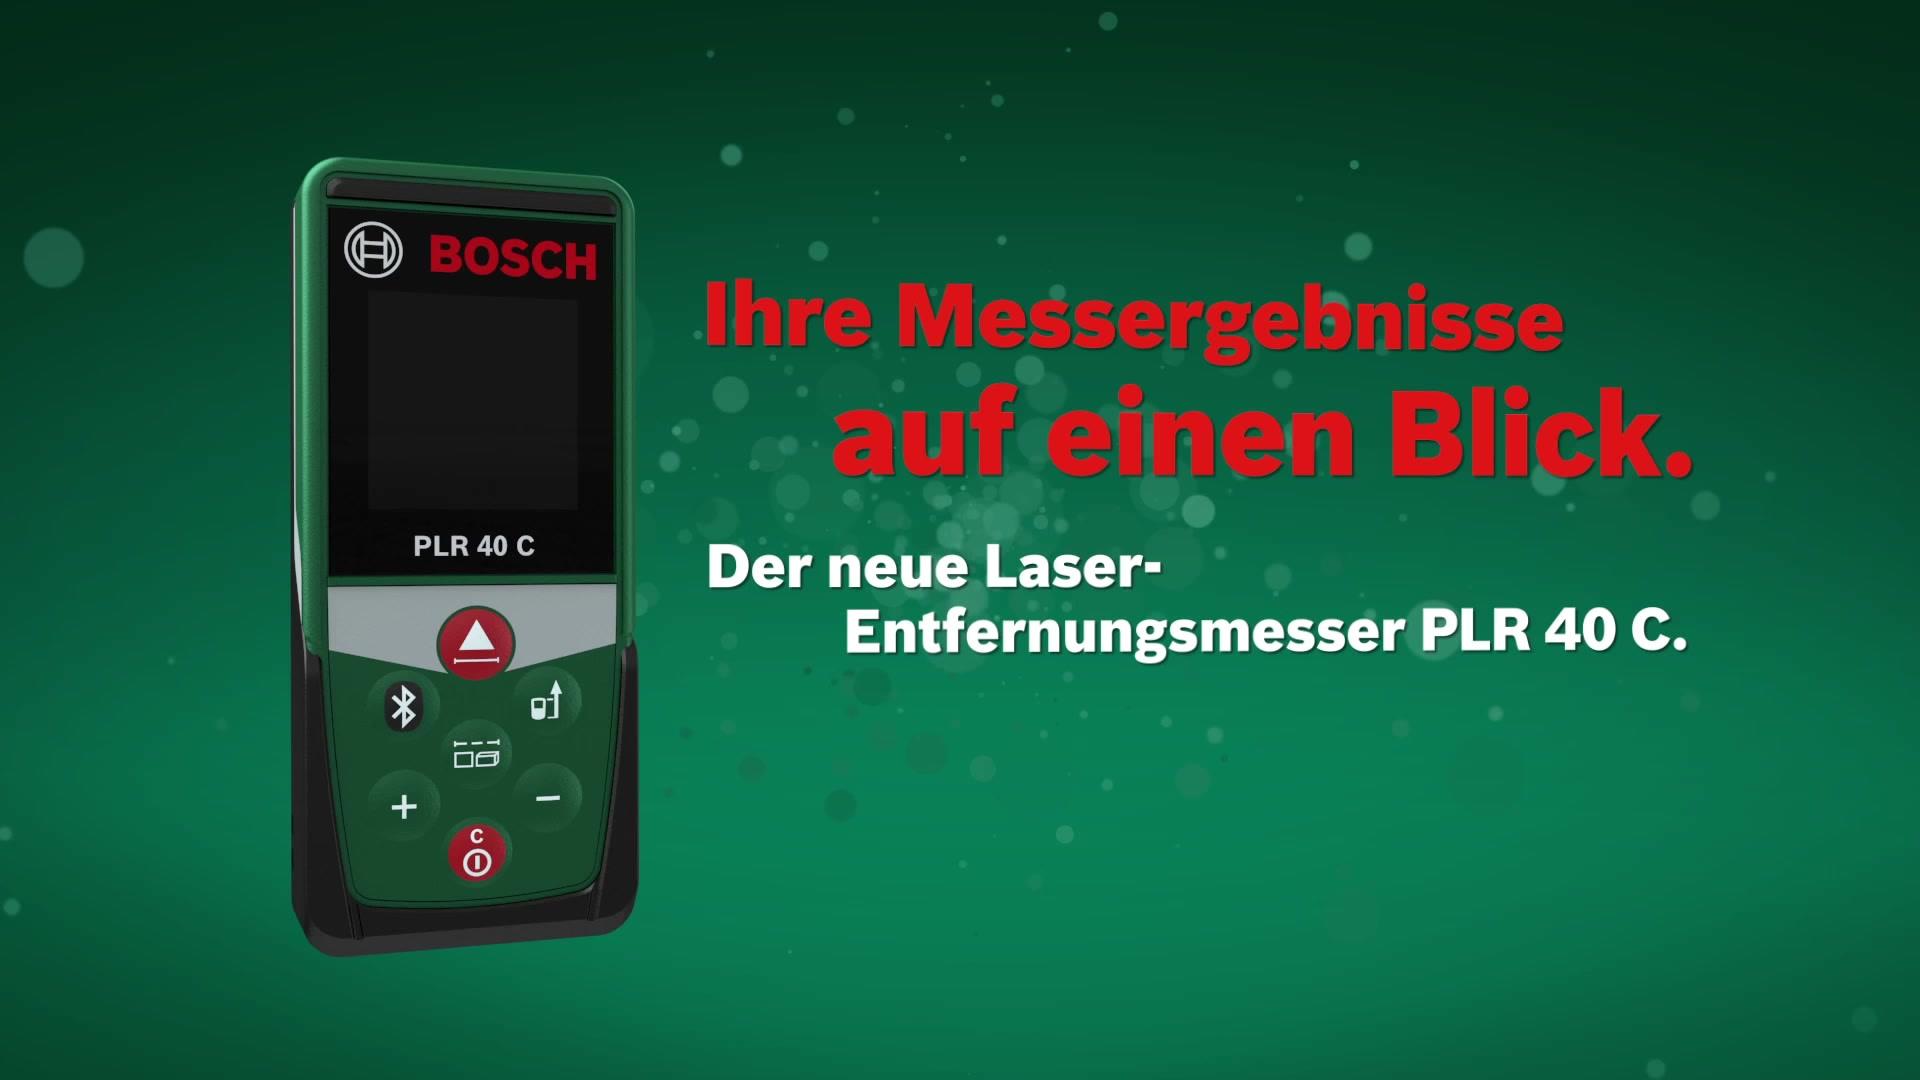 Bosch entfernungsmesser plr c« hagebau